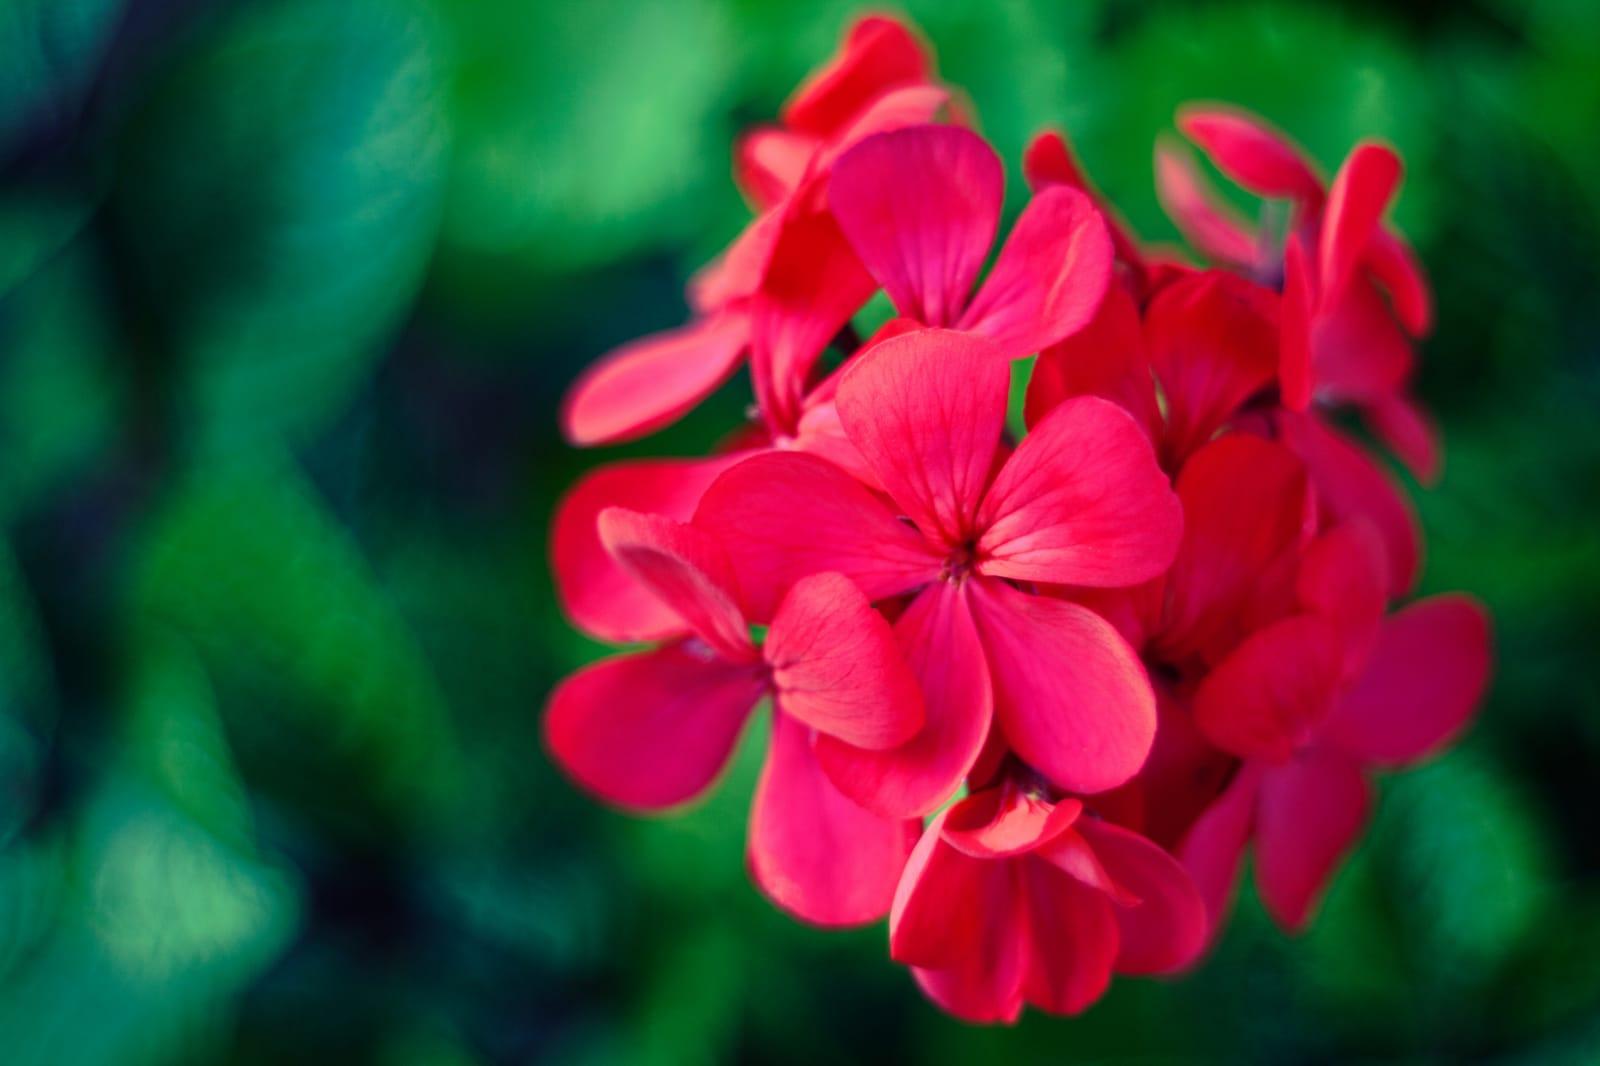 manfaat geranium essential oil untuk kecantikan (2)